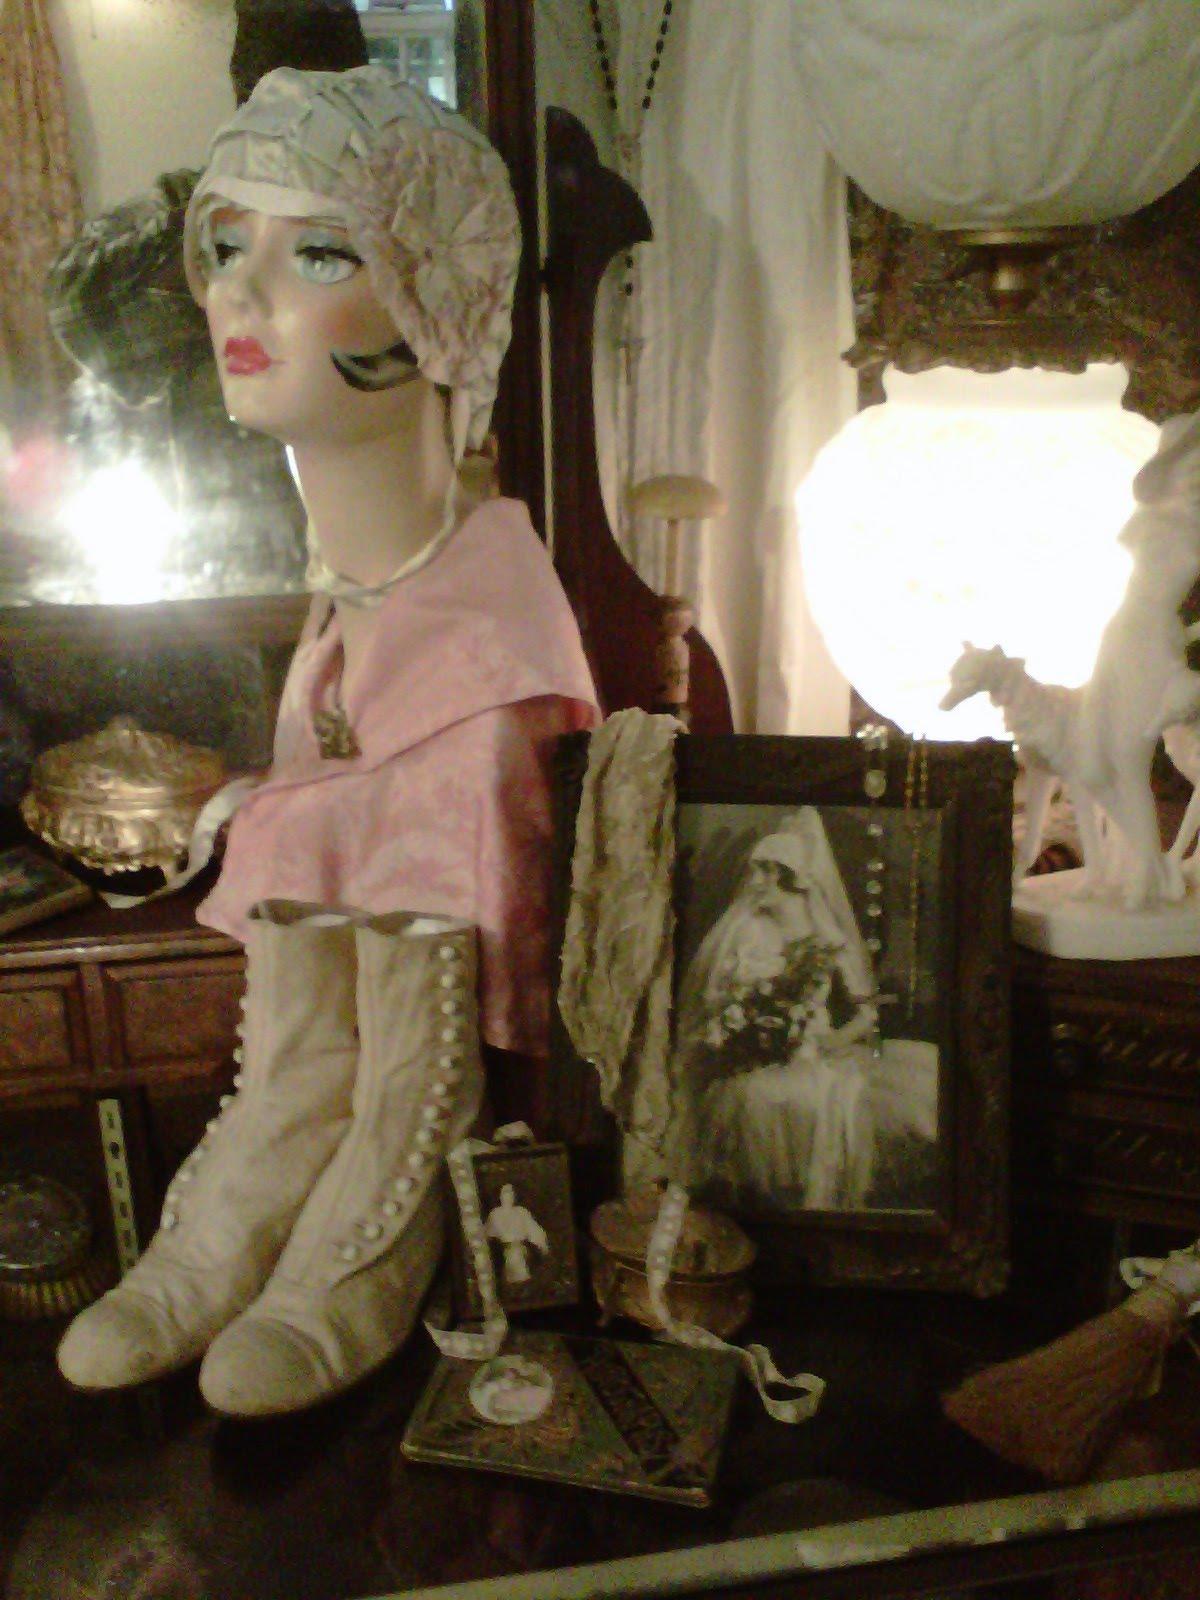 Tallulah S Antique Closet 1920 S Cloche Hat Collection